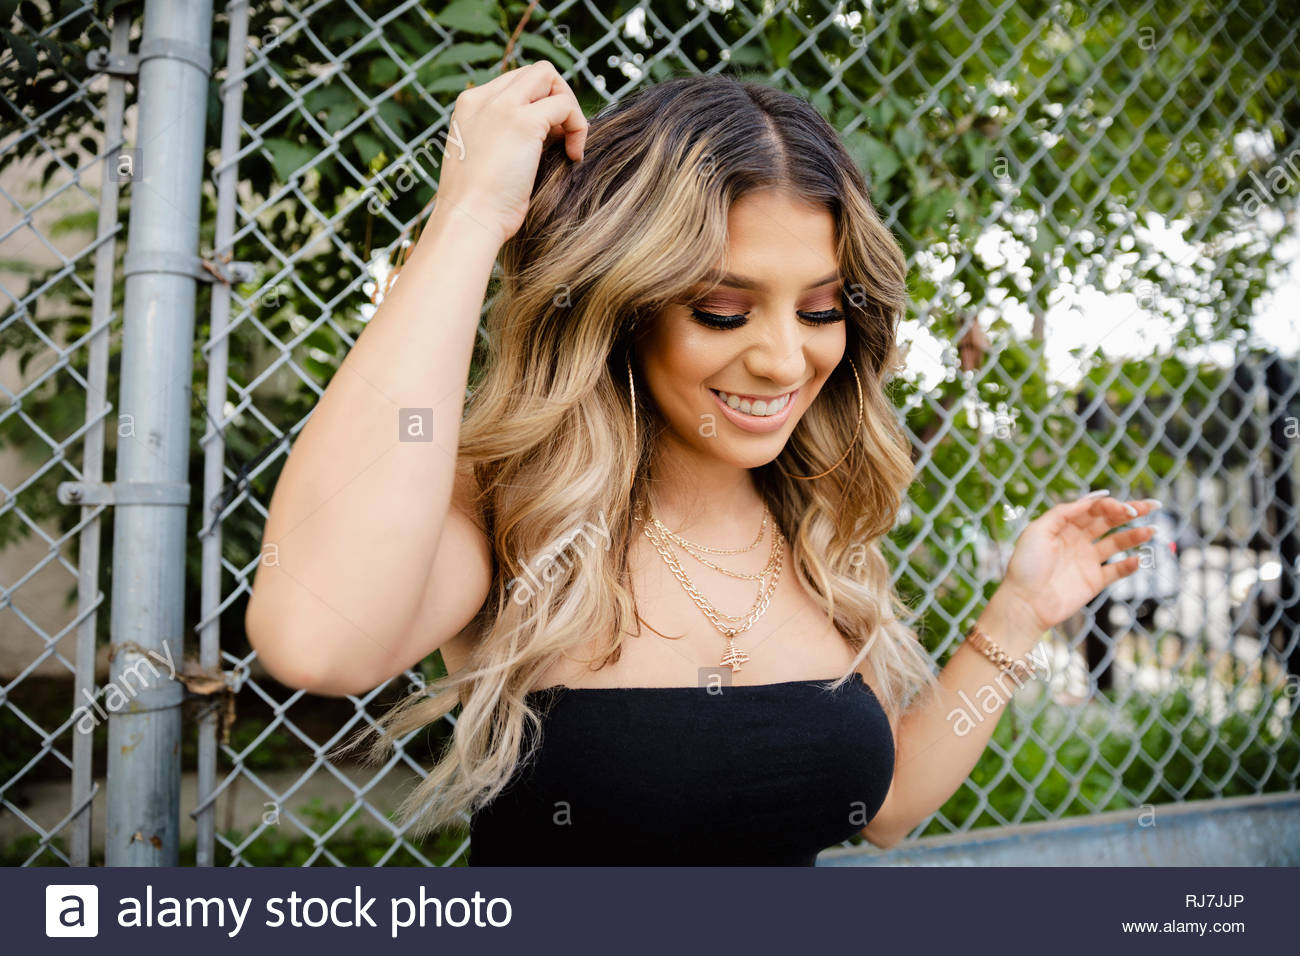 Despreocupado, feliz Latinx joven apoyándose contra la valla Imagen De Stock